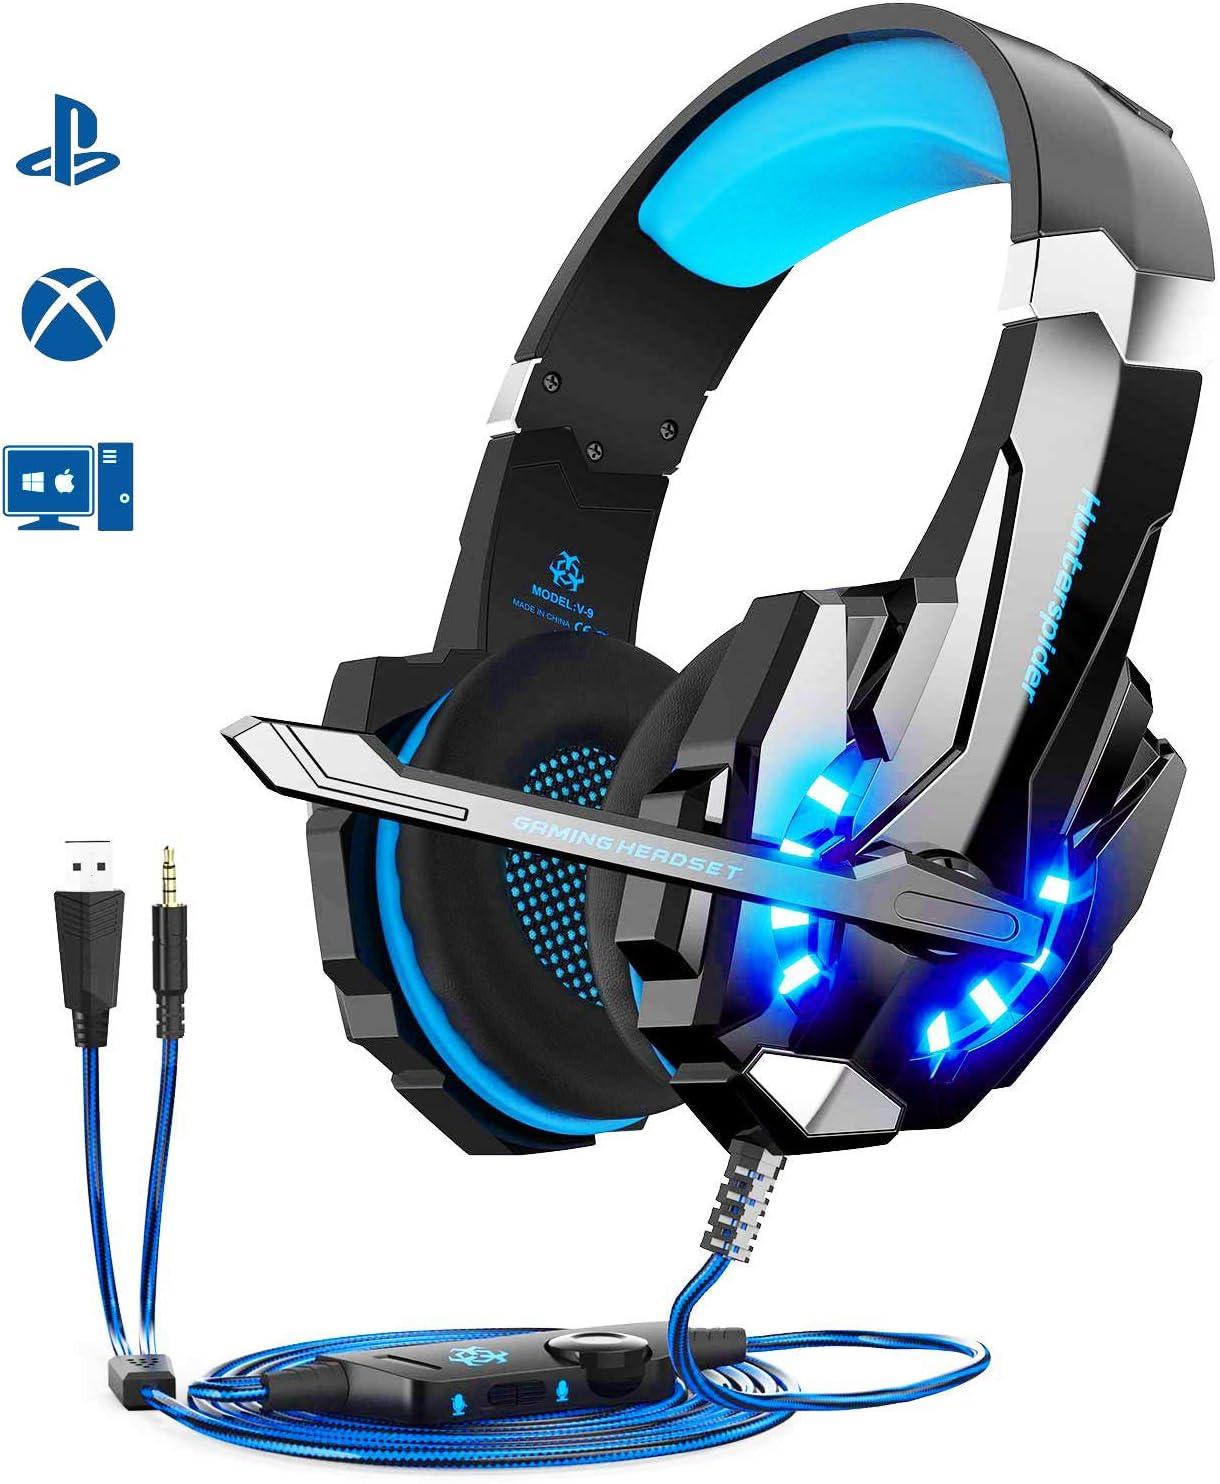 Igrome - Auriculares de Diadema para Videojuegos con micrófono, Sonido estéreo bajo Envolvente, luz LED, Color Azul